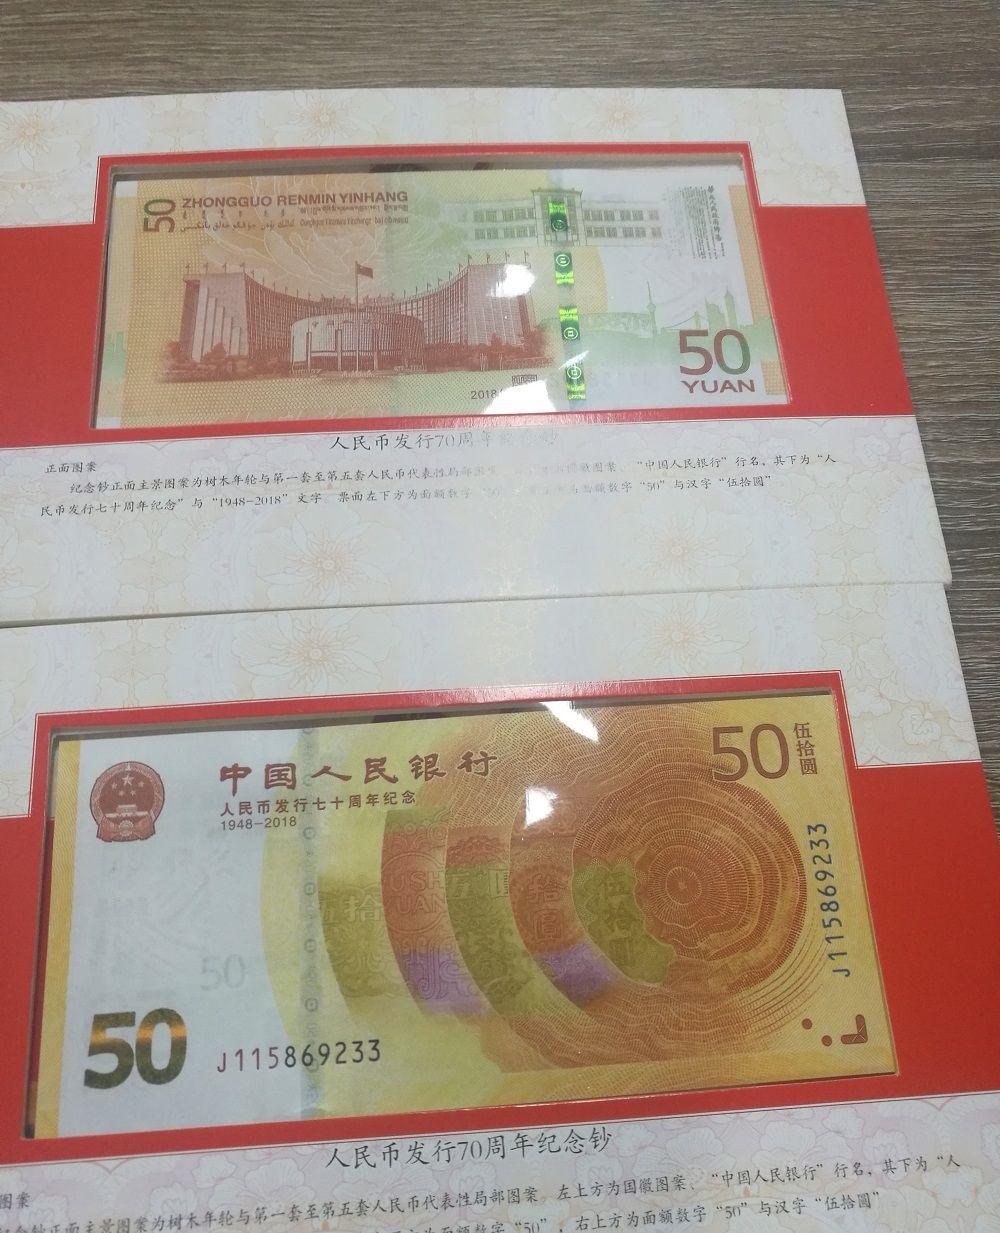 人民币发行70周年纪念钞鉴赏